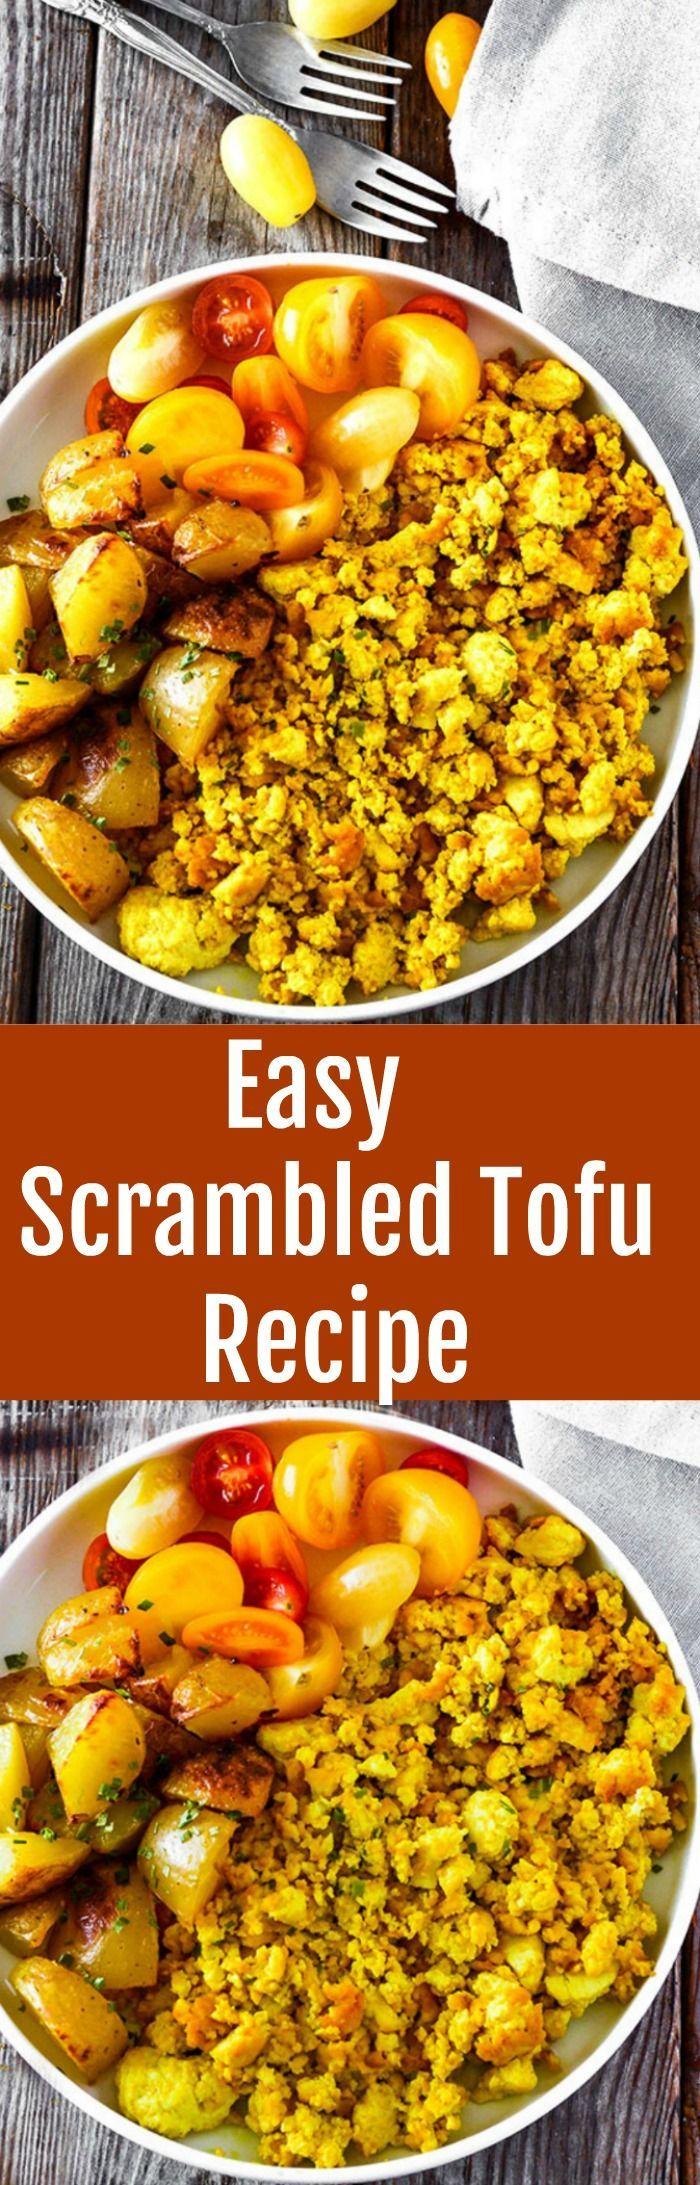 Easy Scrambled Tofu Recipe, so easy to prepare and delicious!